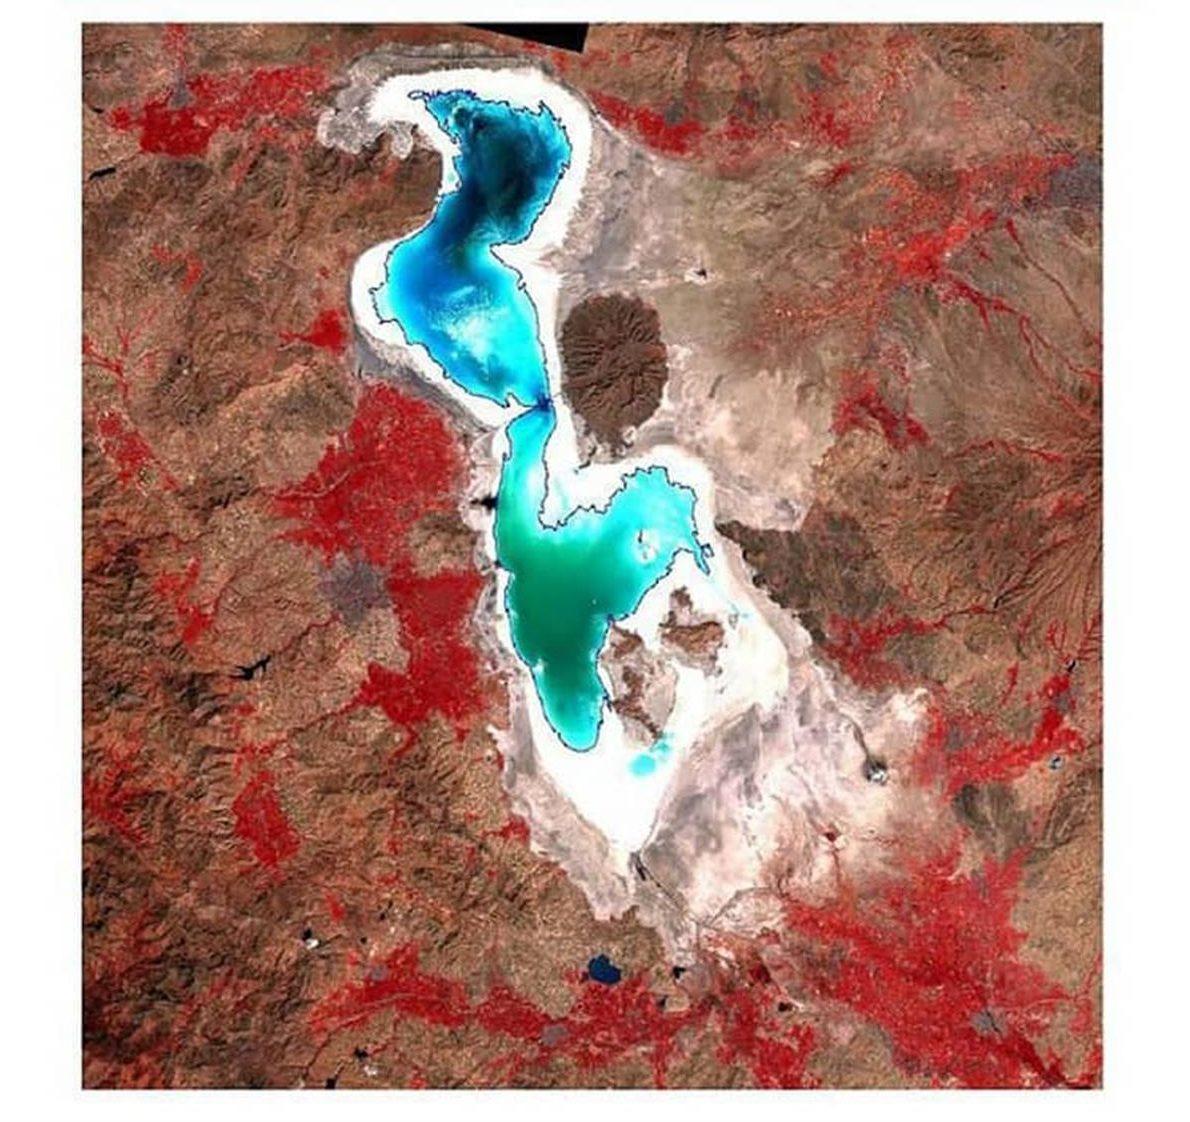 افزایش مساحت دریاچه ارومیه ۱۵۰ کیلومتر مربع/ فناوری فضایی در بهبود کسب و کارهای خدماتی موثر است